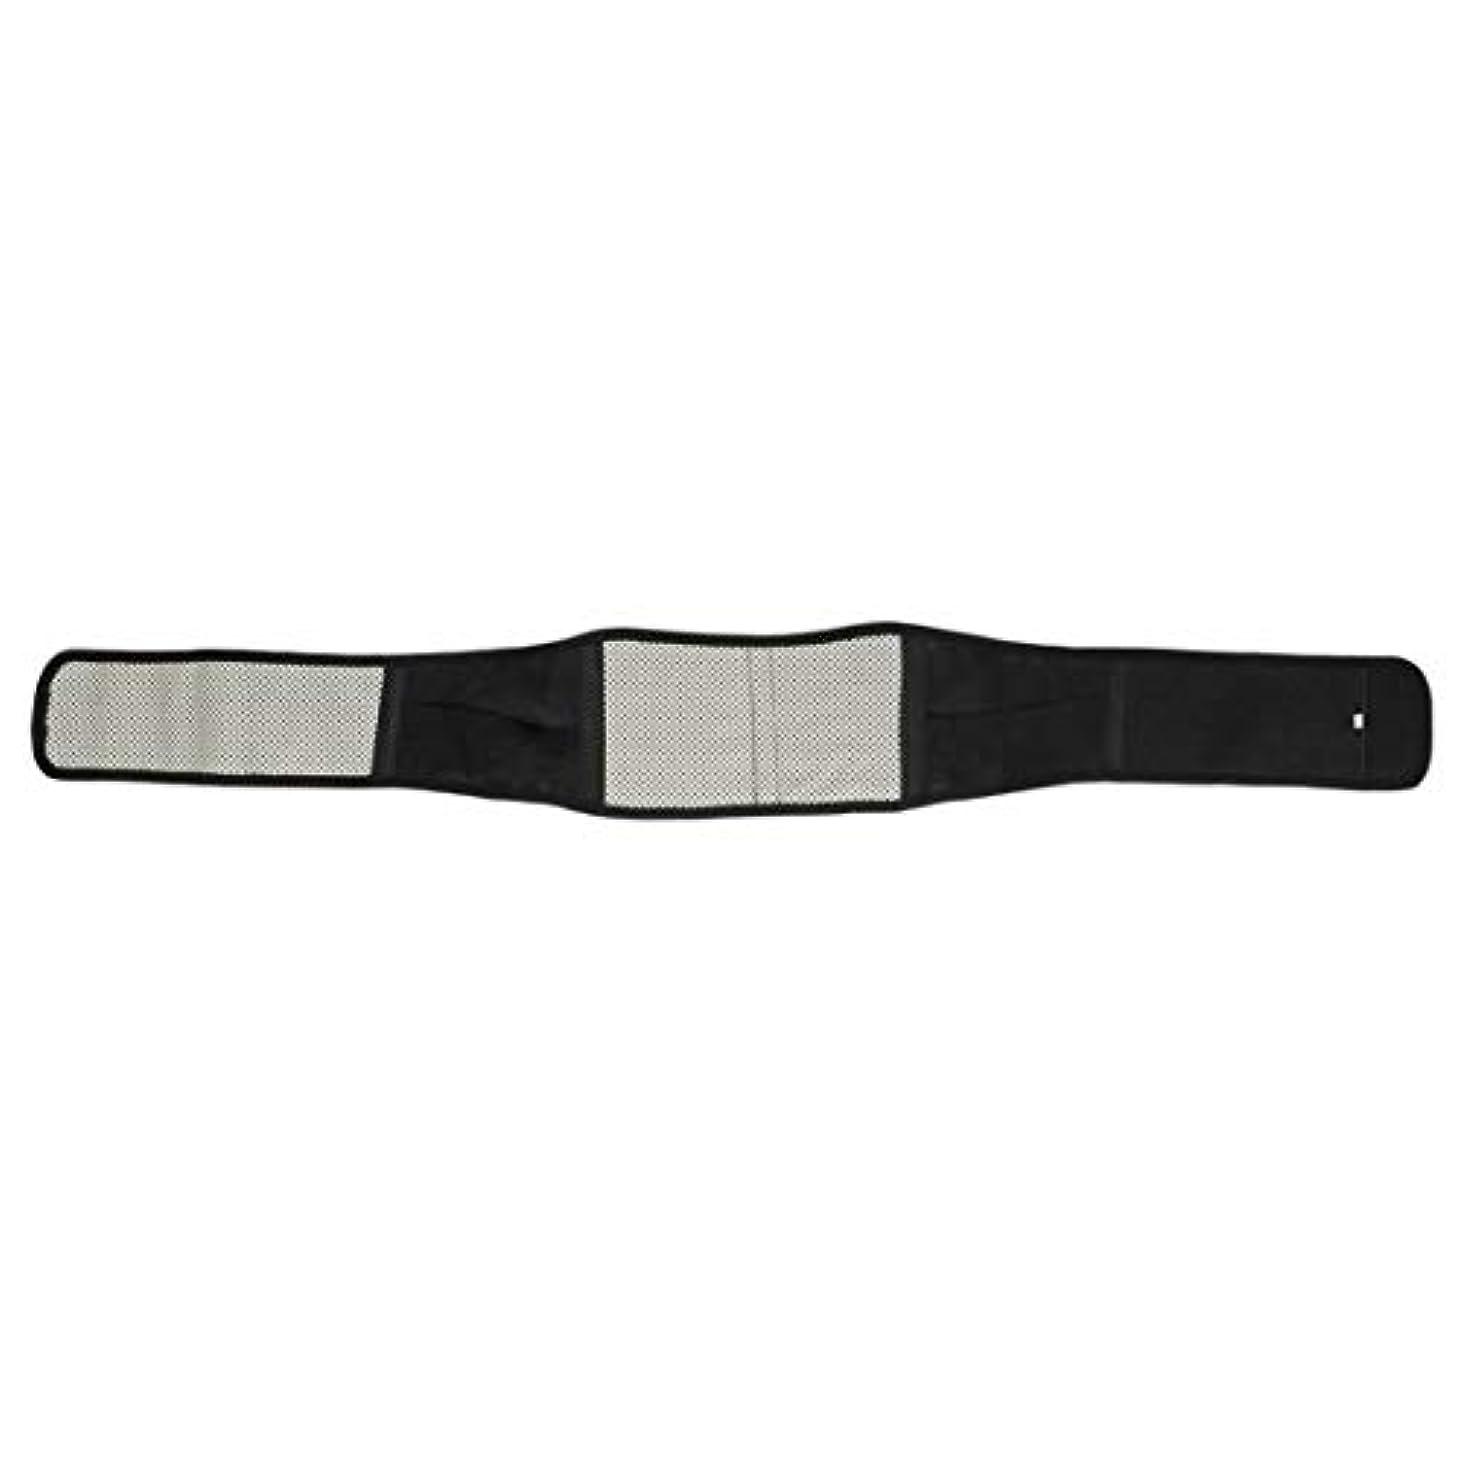 剃るよろめく酸度腰部サポートマッサージャー赤外線磁気バックブレース自己発熱療法ウエストベルト調節可能な姿勢ベルト-ブラックM